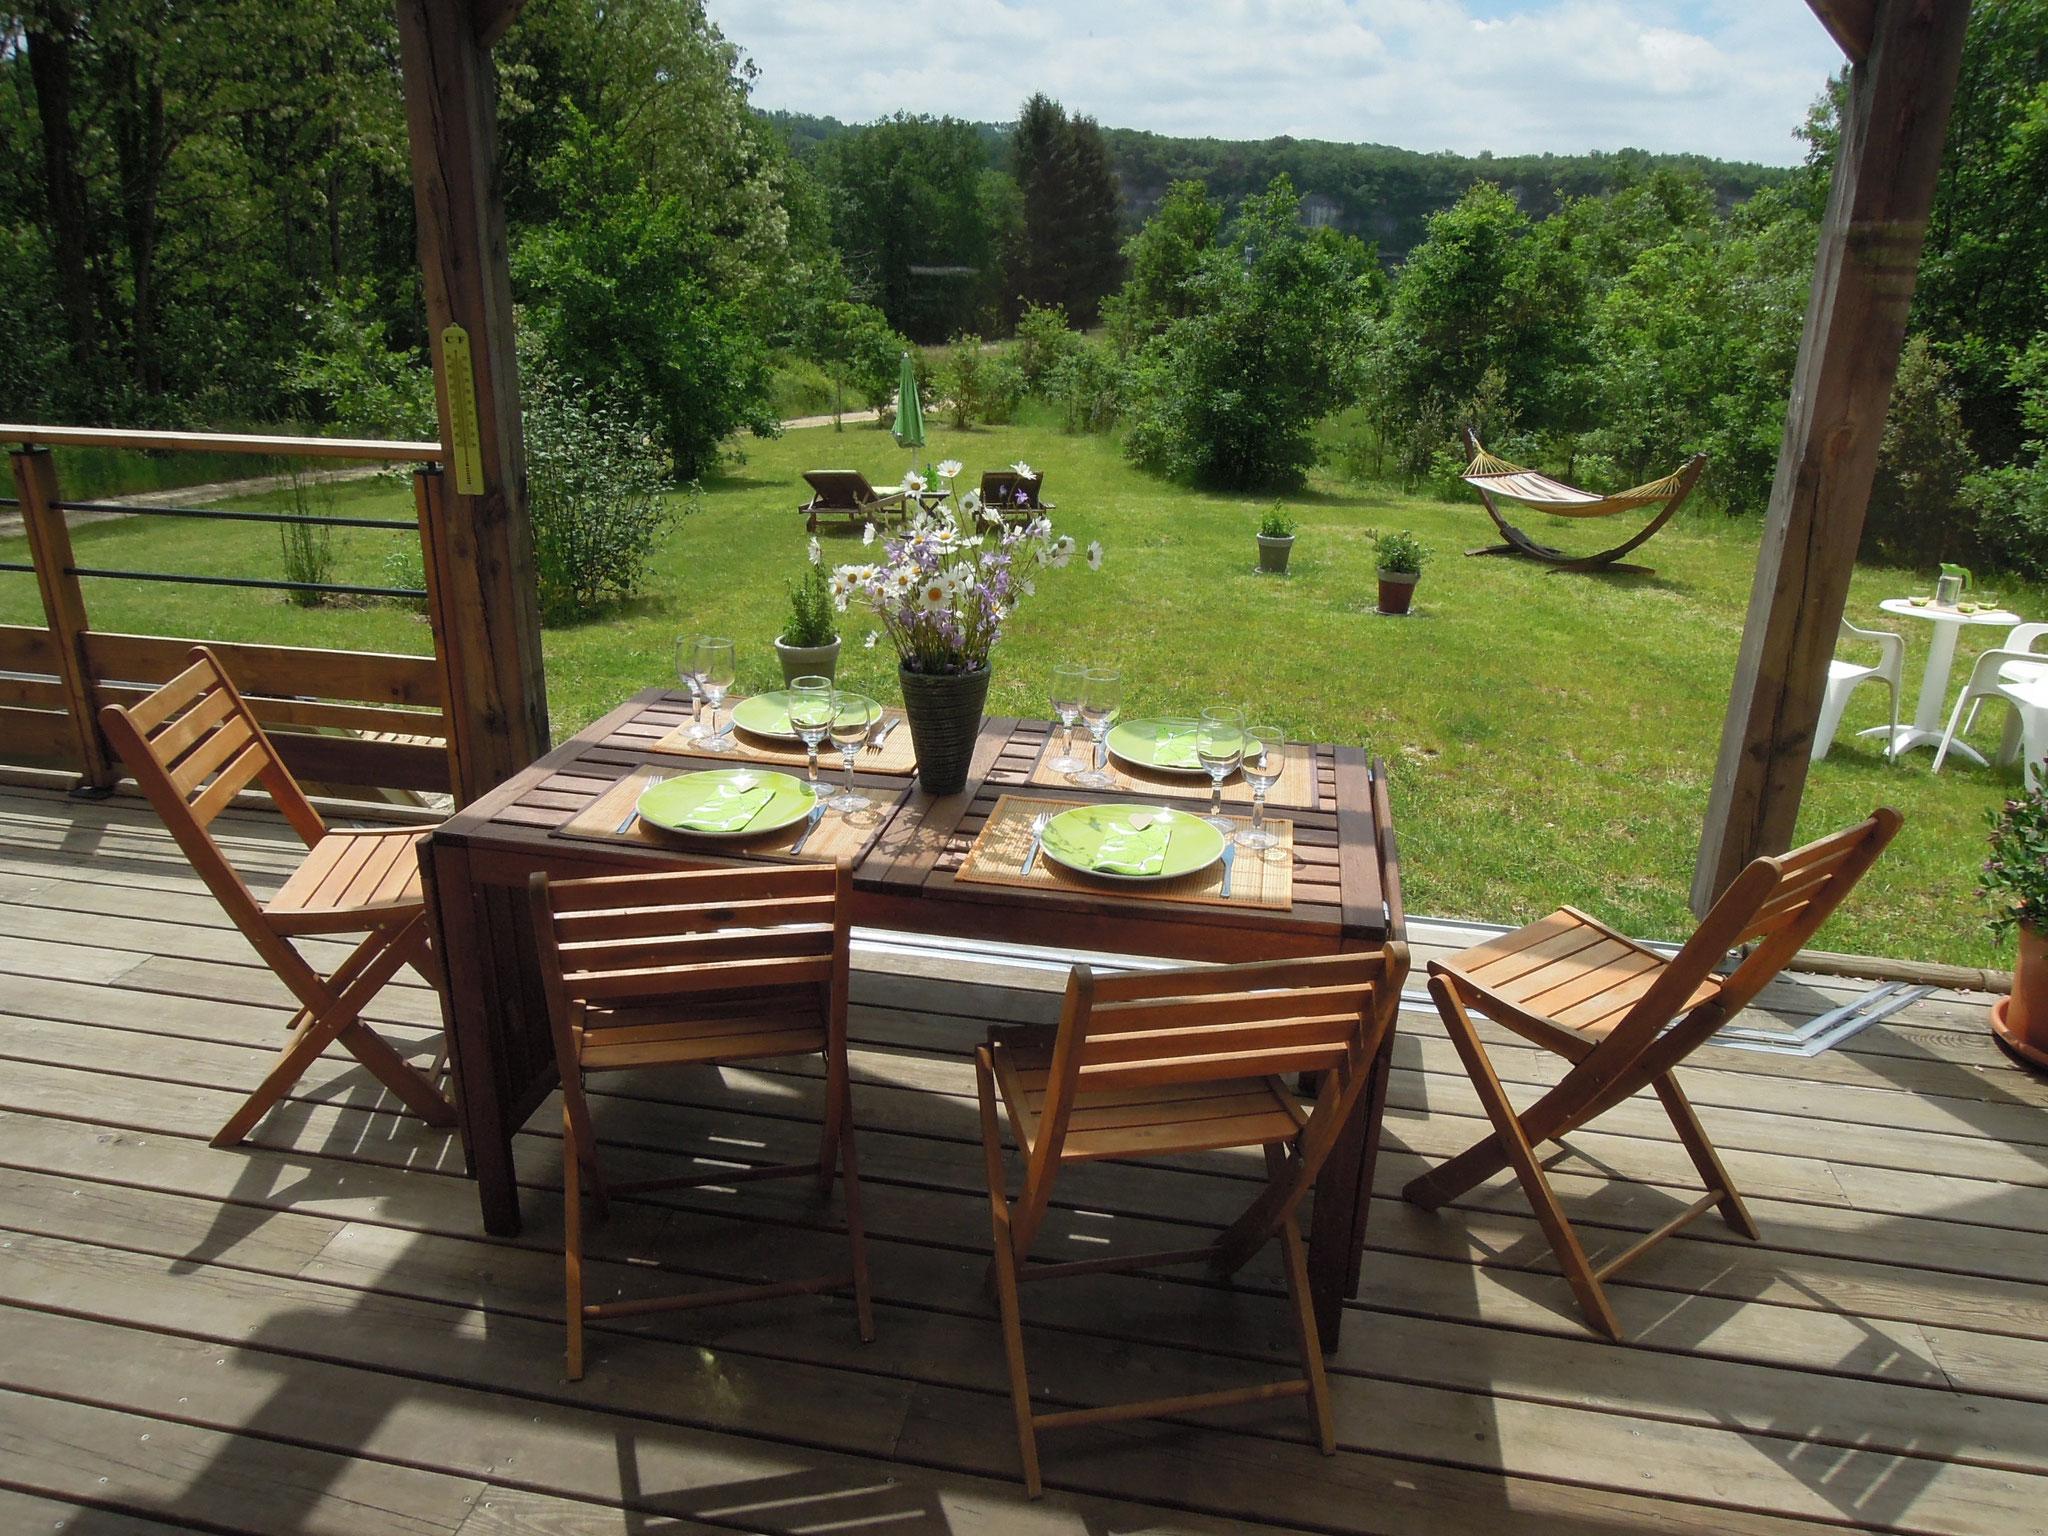 Profitez de la vue sur La Roque St Christophe pendant votre repas sur la terrasse